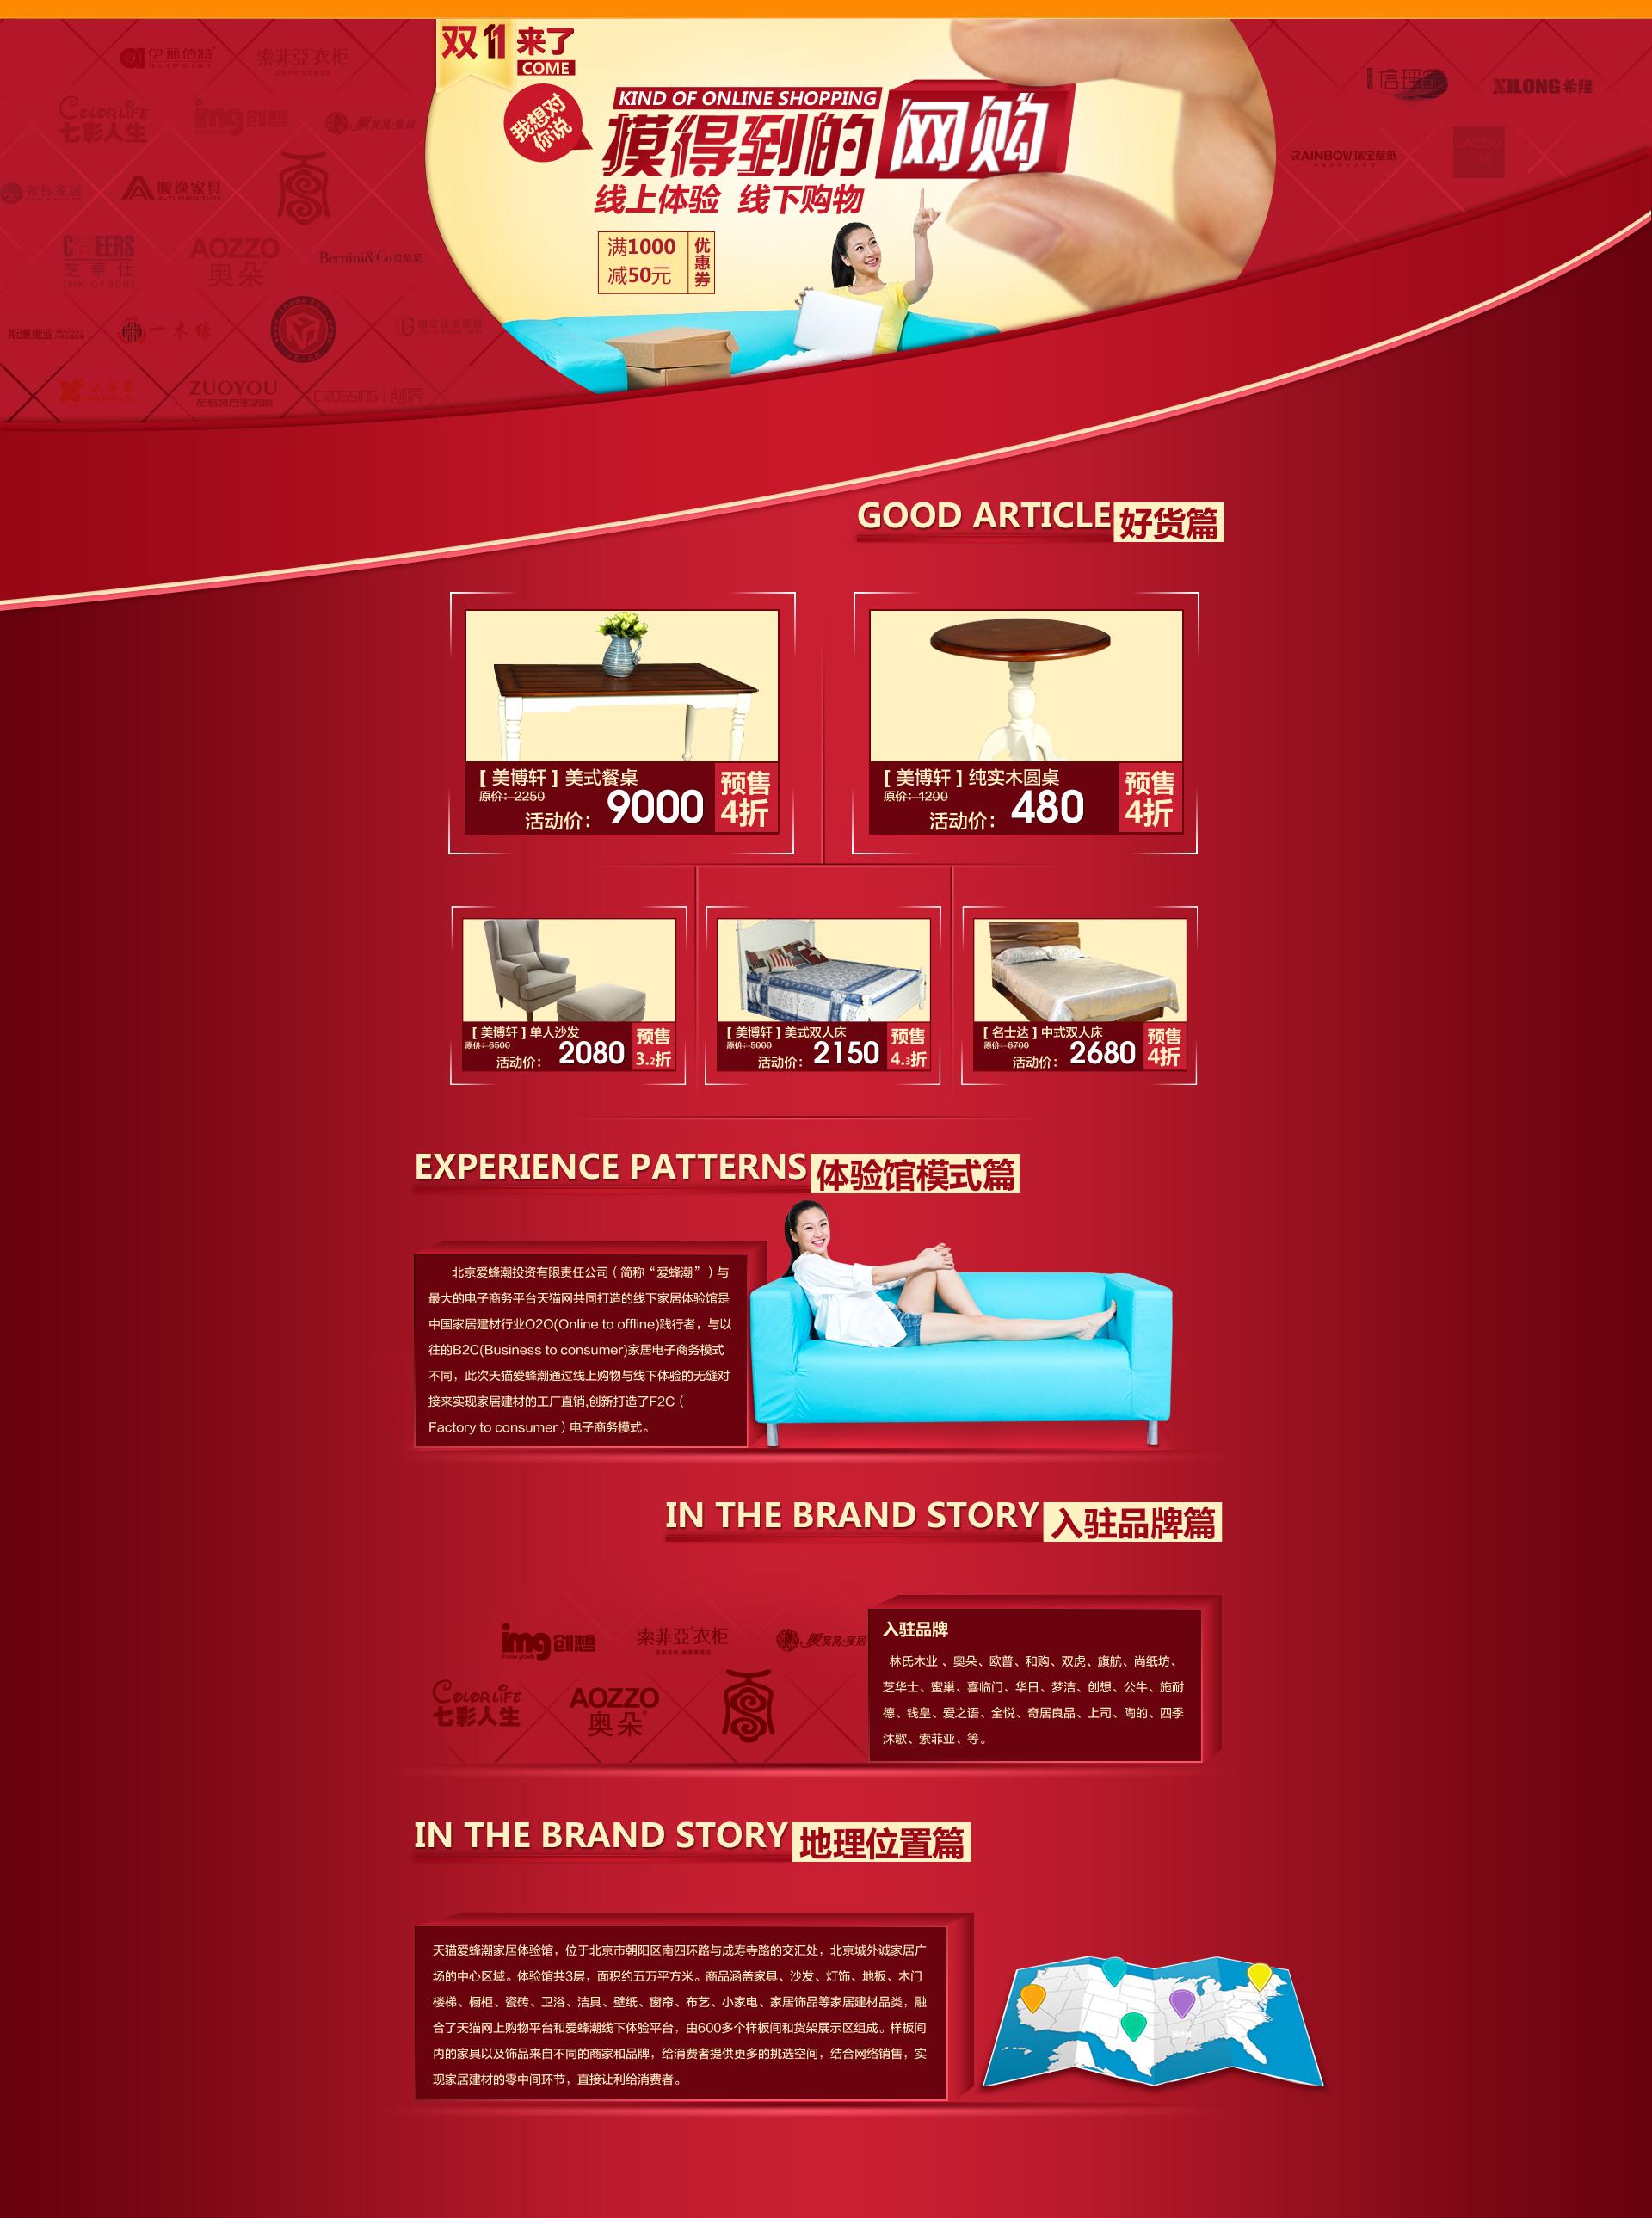 双十一活动专题页面设计|网页|专题/活动|疯子like - 原创作品图片